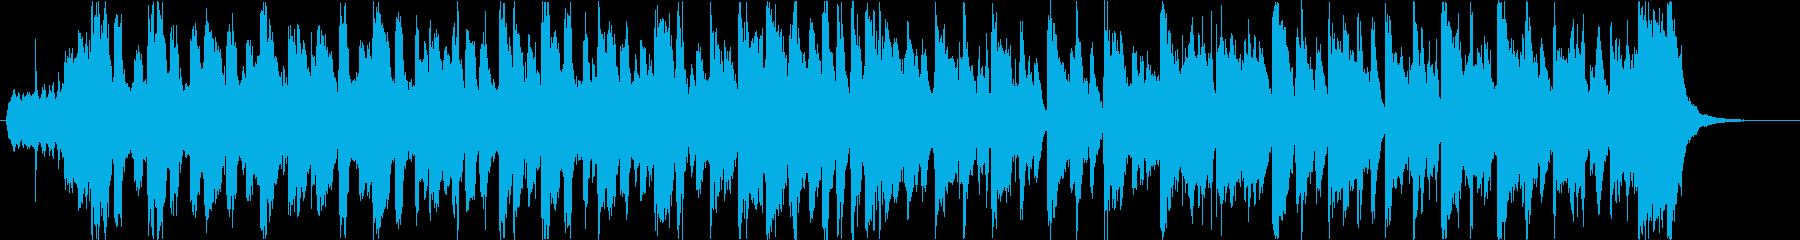 生バイオリン_情熱的なニュースの再生済みの波形